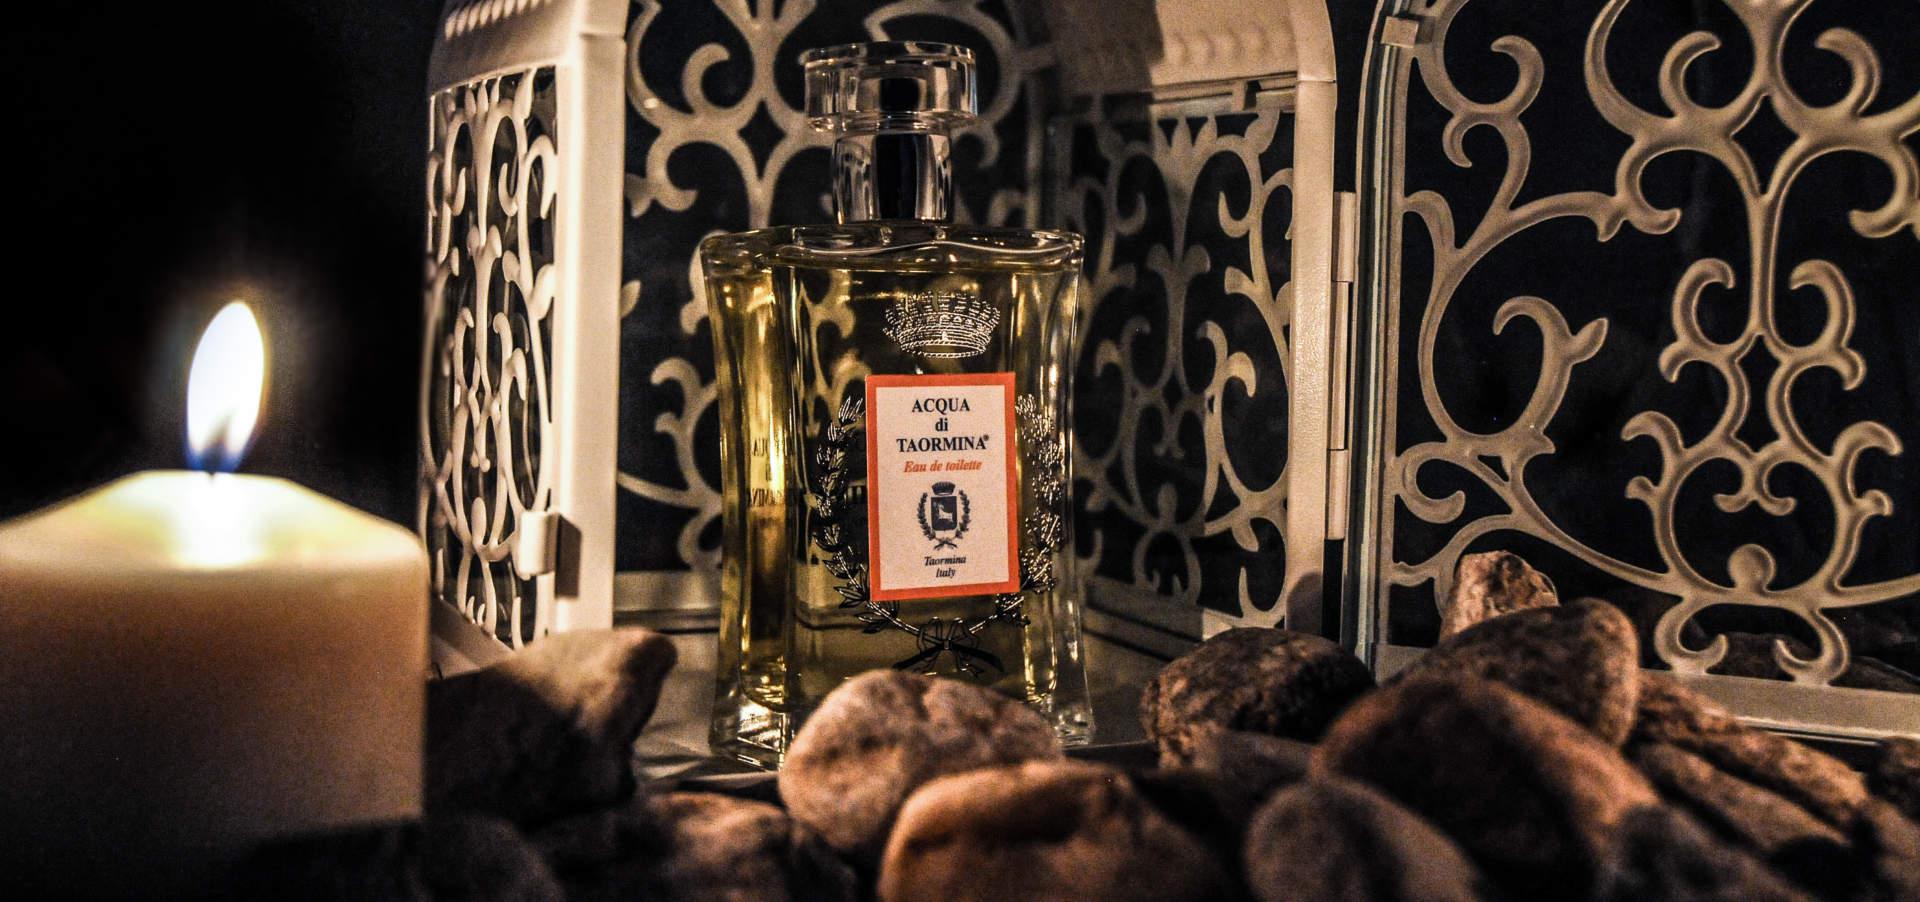 Acqua di Taormina parfums 01_adt_home Acqua di Taormina Parfums